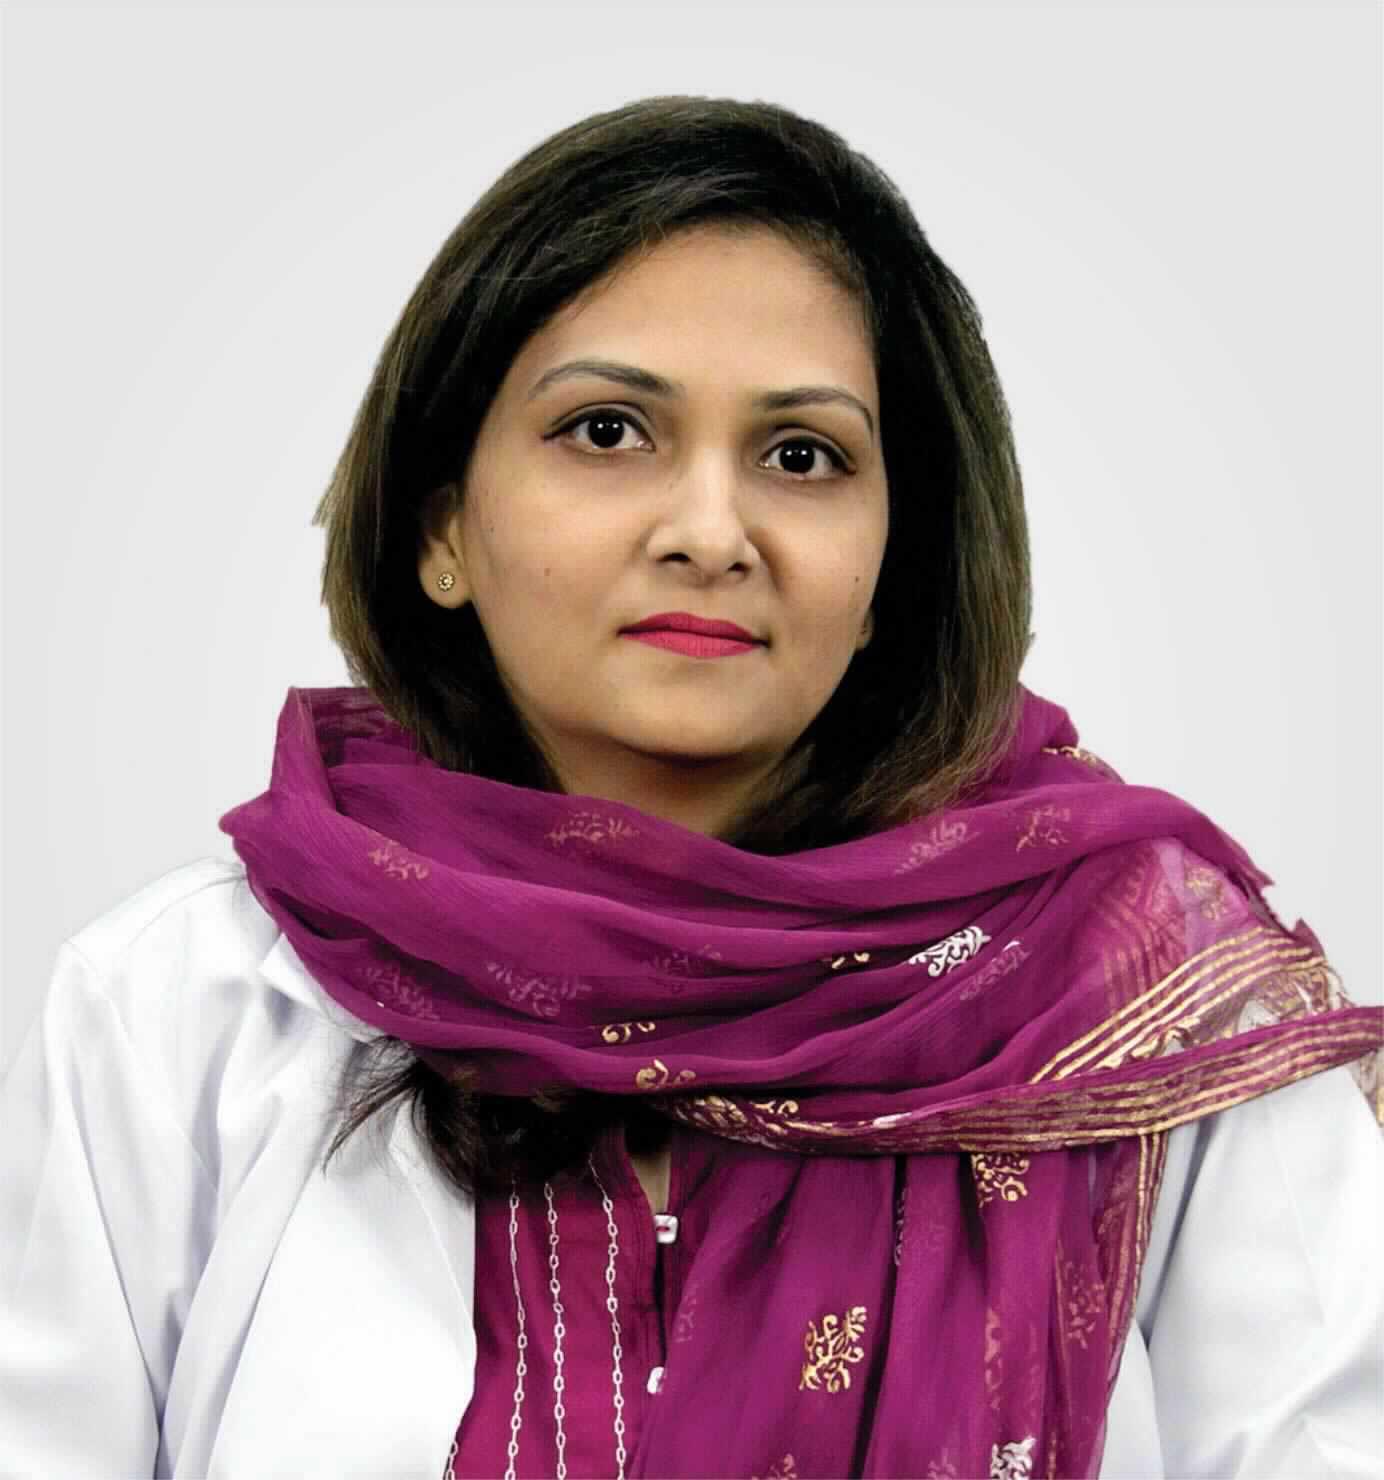 Raheela Aqeel